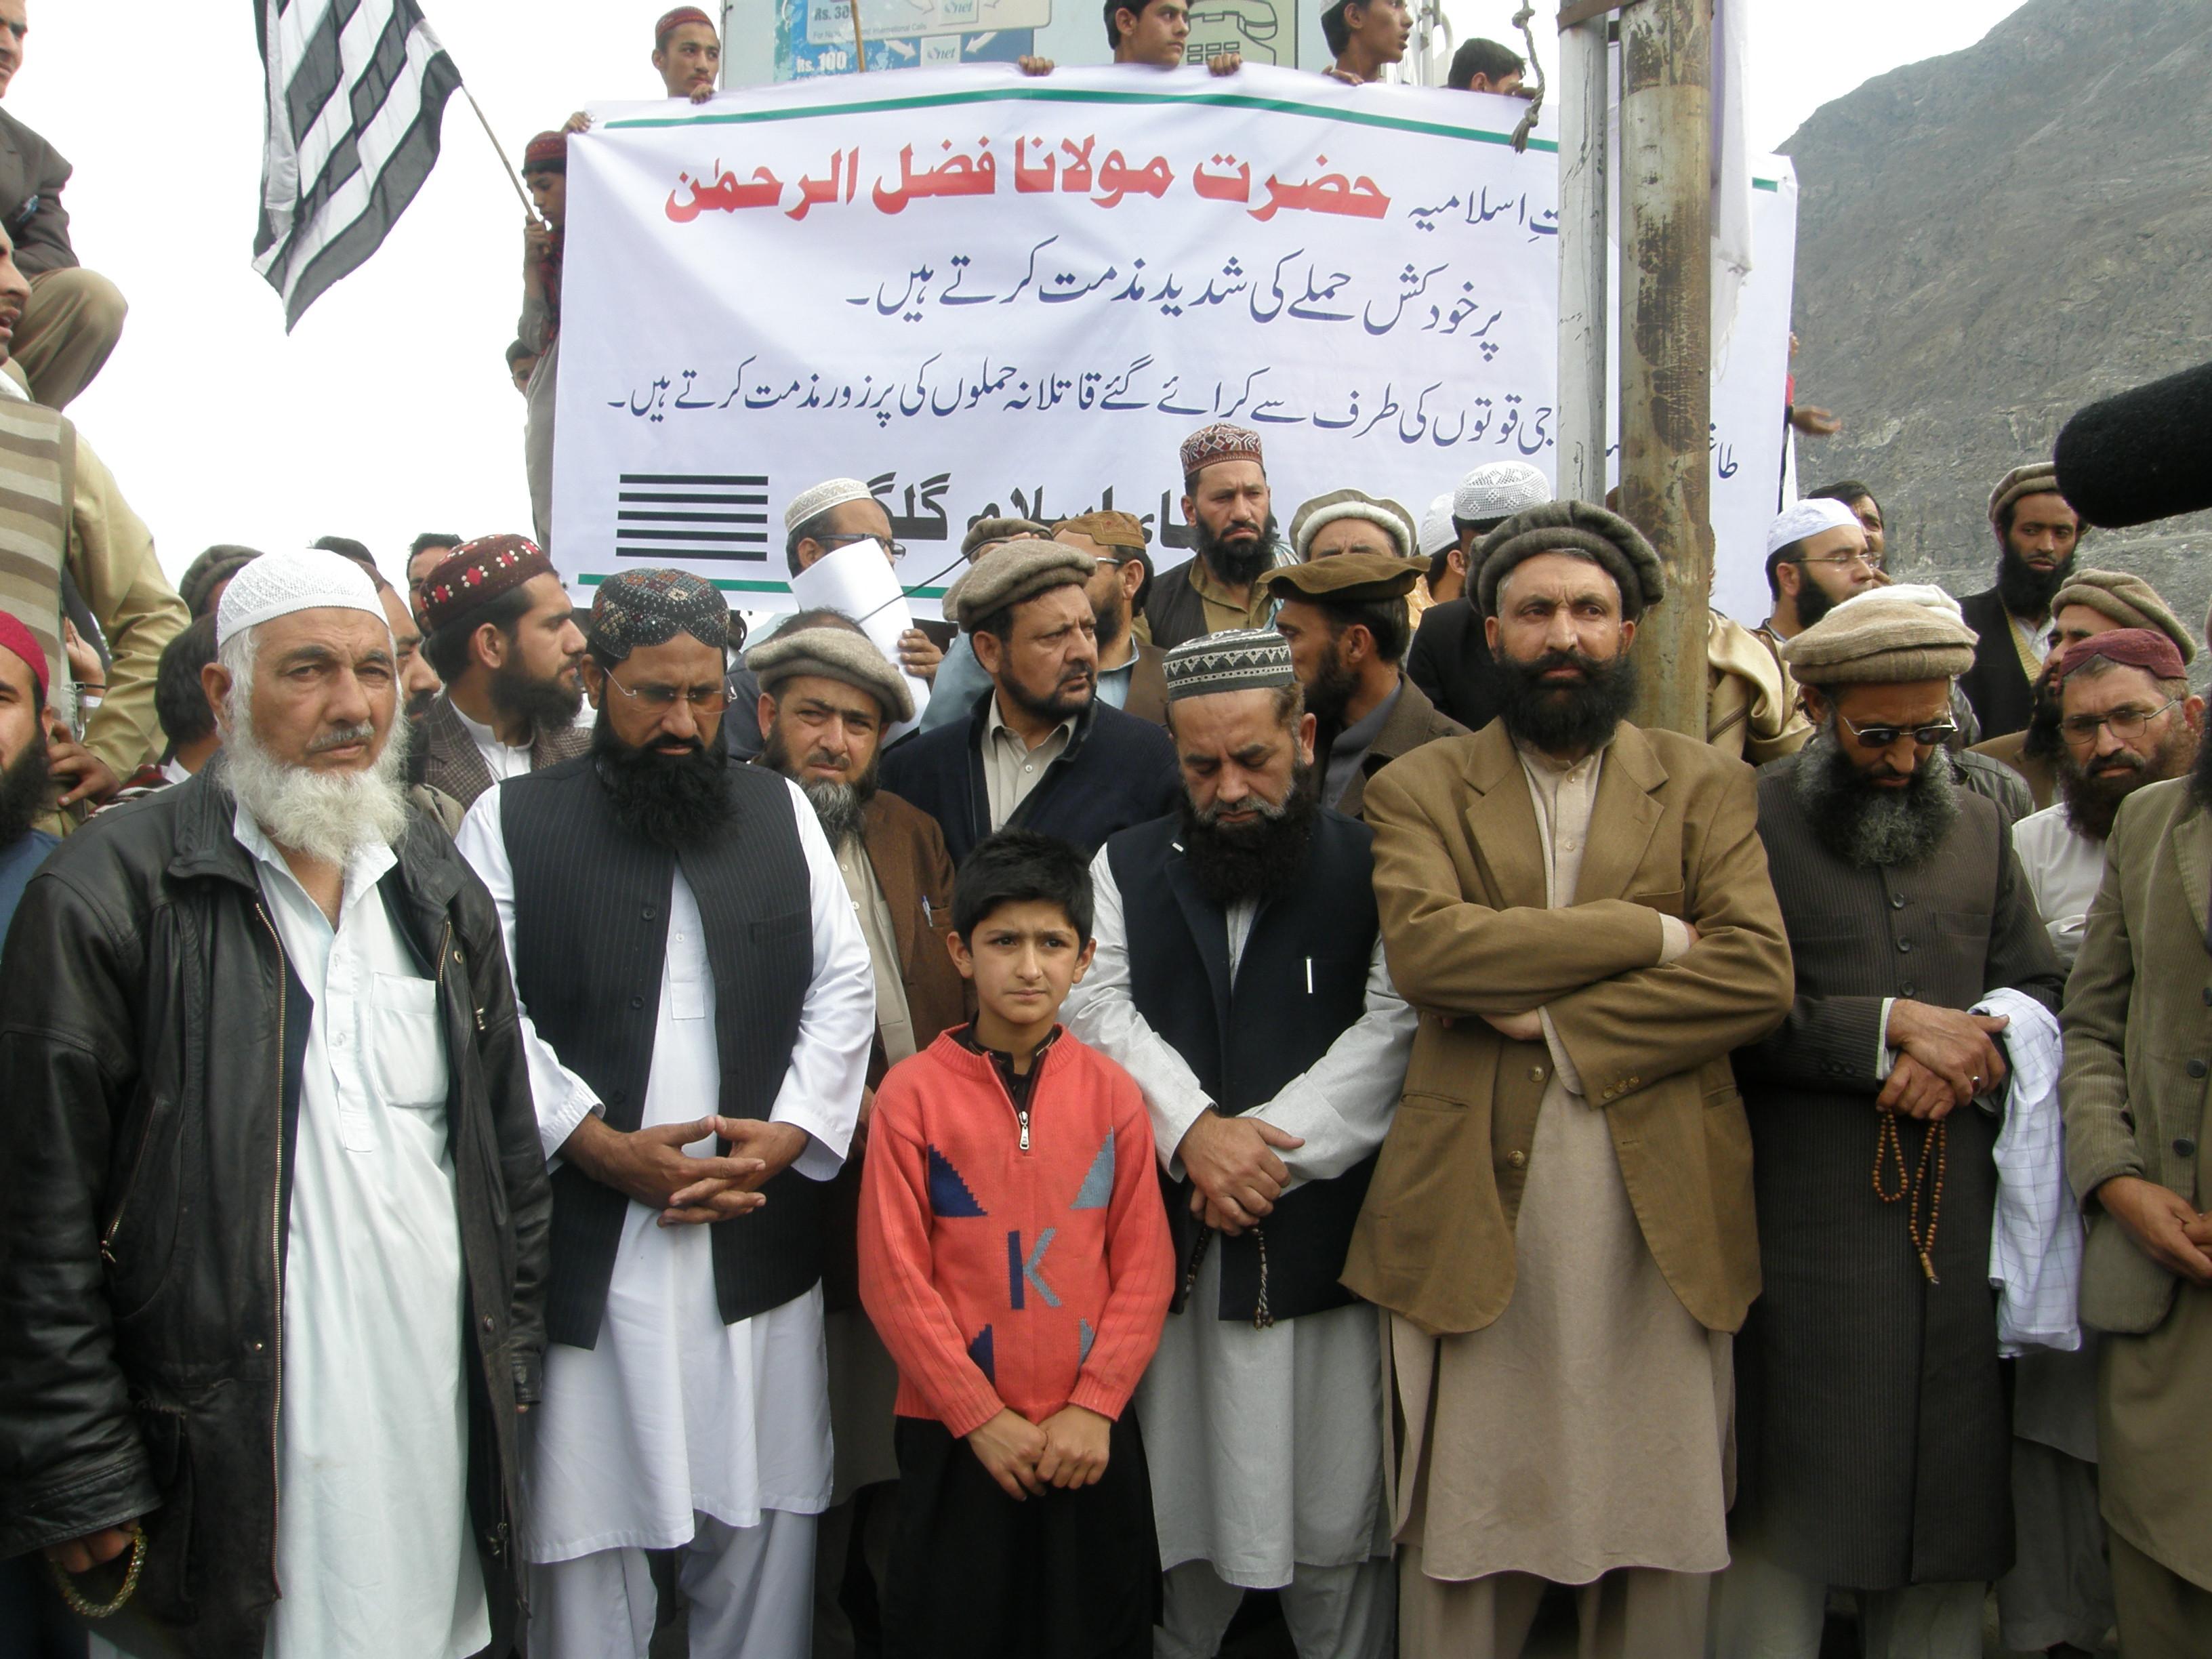 مولانا فضل الرحمن پر حملے کے خلاف گلگت میں احتجاجی مظاہرہ